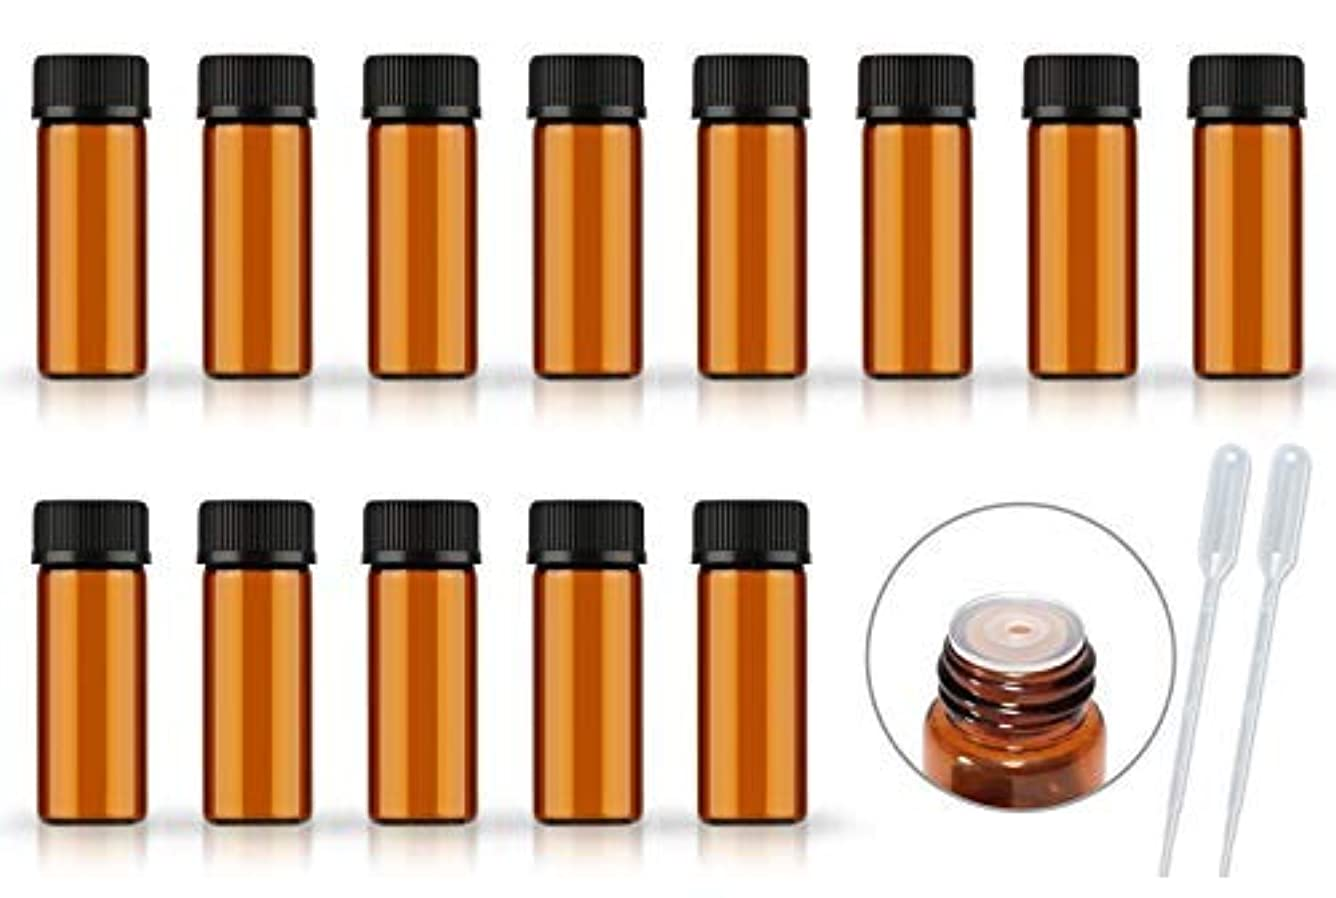 効果紫のかみそり50Pack Set 1ML 2ML 5ML Amber Glass Bottle with Orifice Reducer and Cap Small Essential Oil Vials (5ML) [並行輸入品]